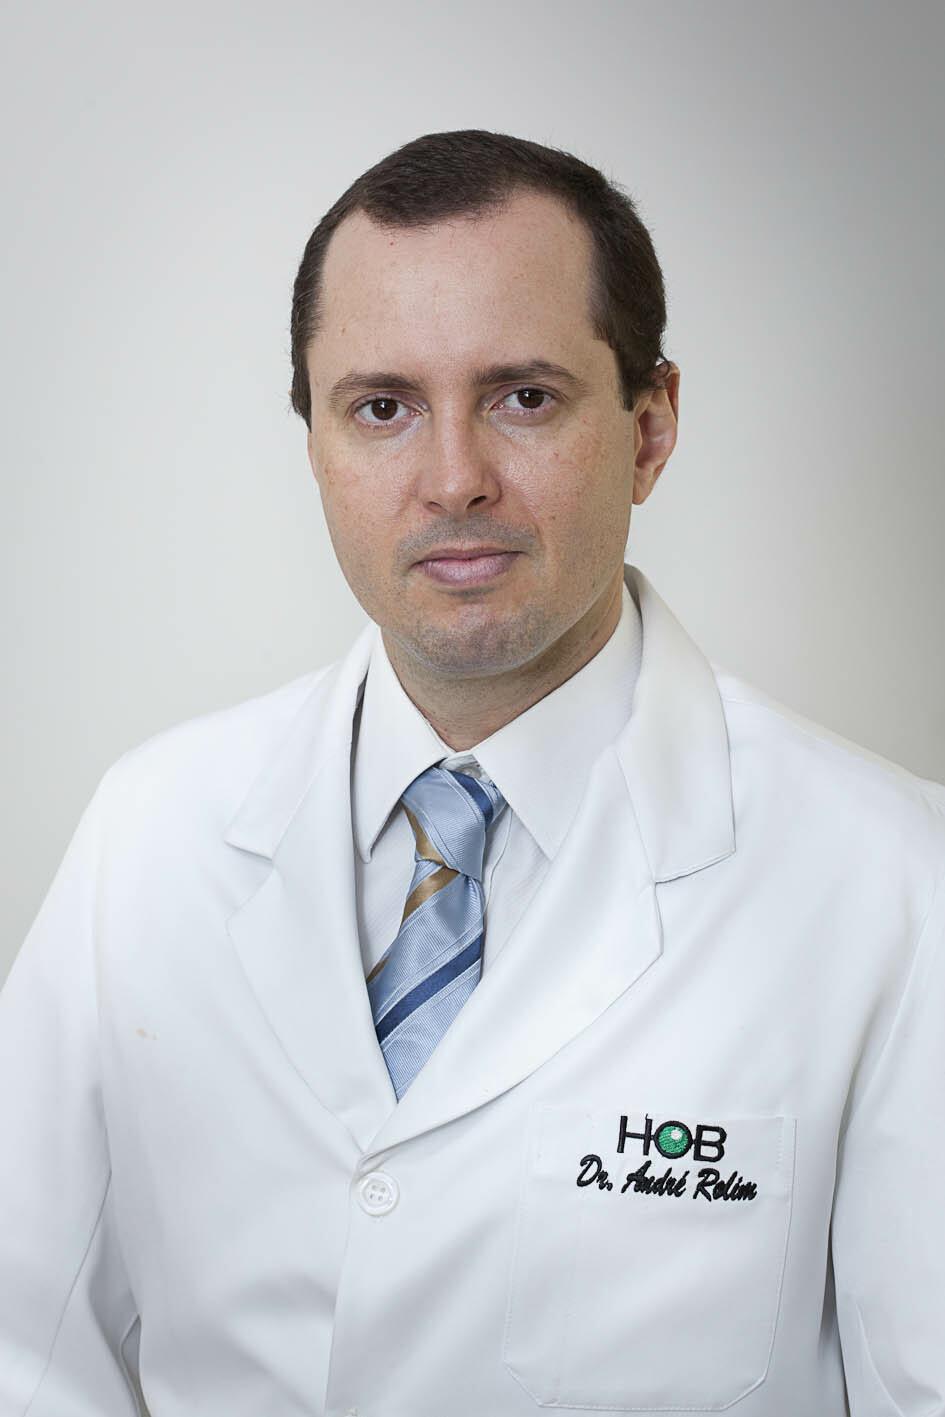 André Gustavo Rolim de Araujo